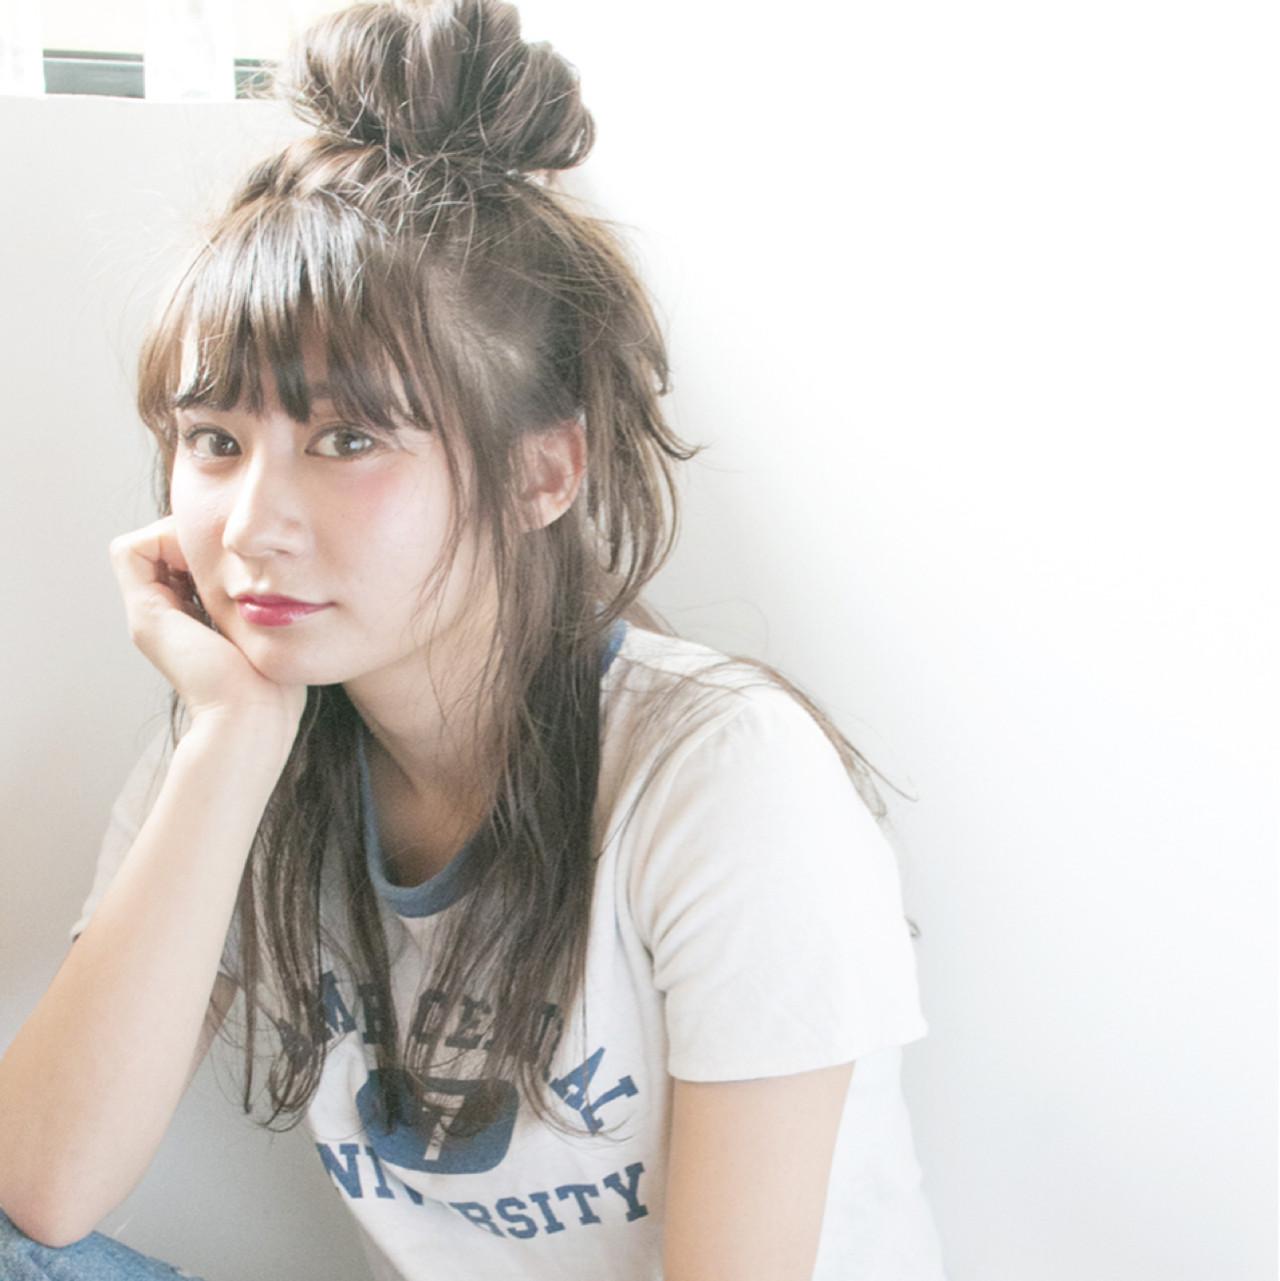 たったの3分!超簡単アレンジ「メッシーバン」がこなれ感のカギ♡ 岩崎望